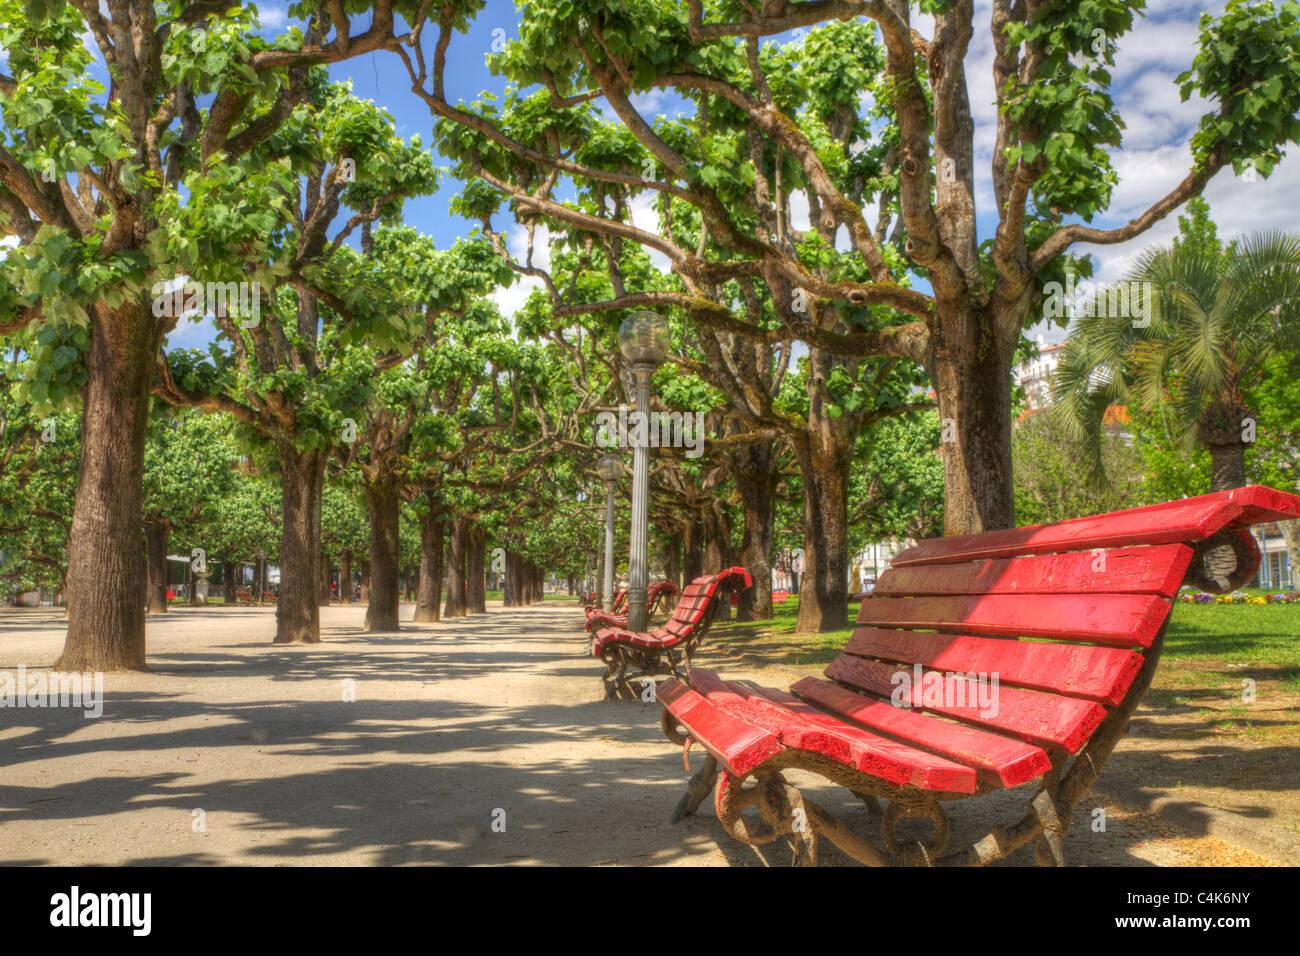 Reihe von roten Holzbänke in einem schönen Park unter dem Schatten der Bäume im Sommer laden zum Stockbild